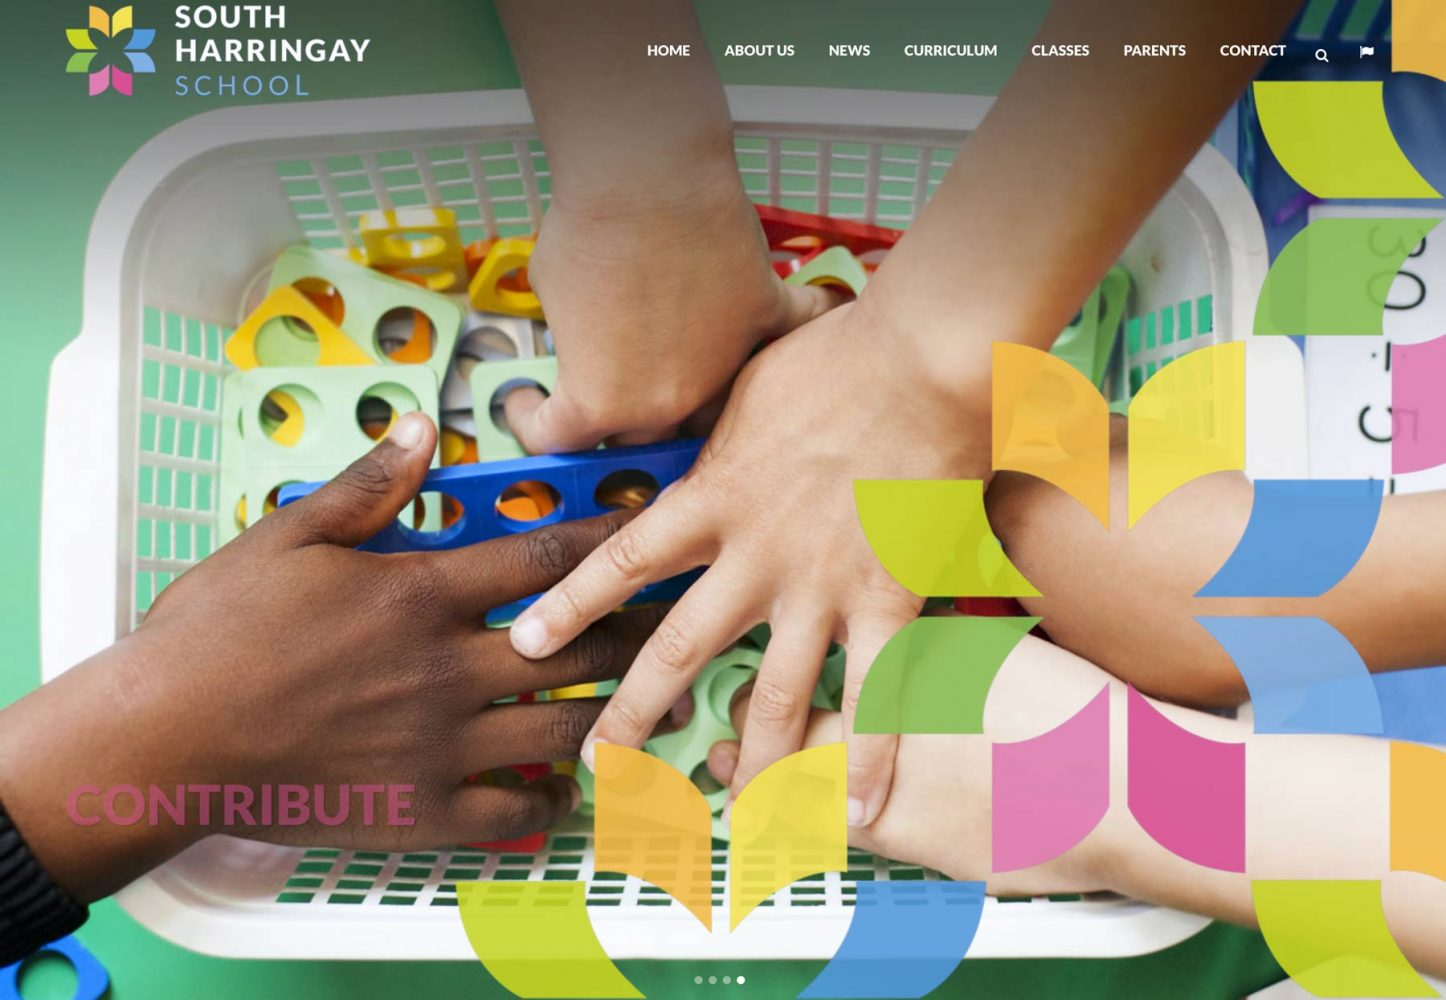 Primary school website photograph pupils hands